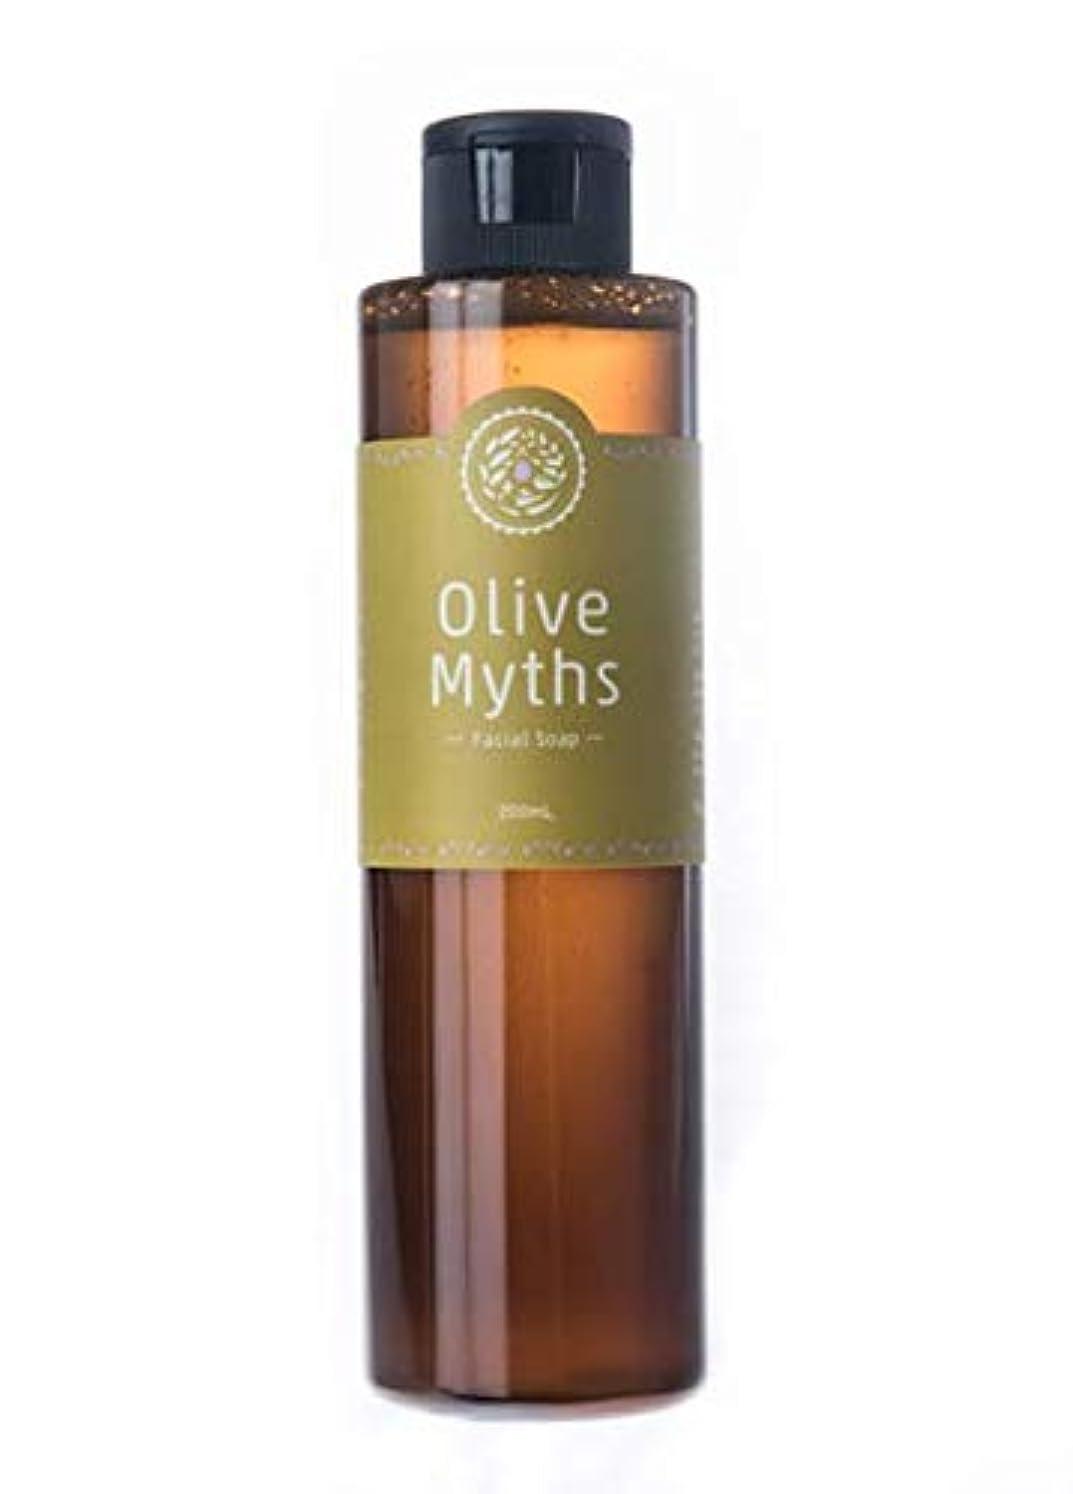 道路を作るプロセス四シンプルなmaestria. OliveMyths 『Olive Myths フェイシャルソープ』200ml MJOM-002